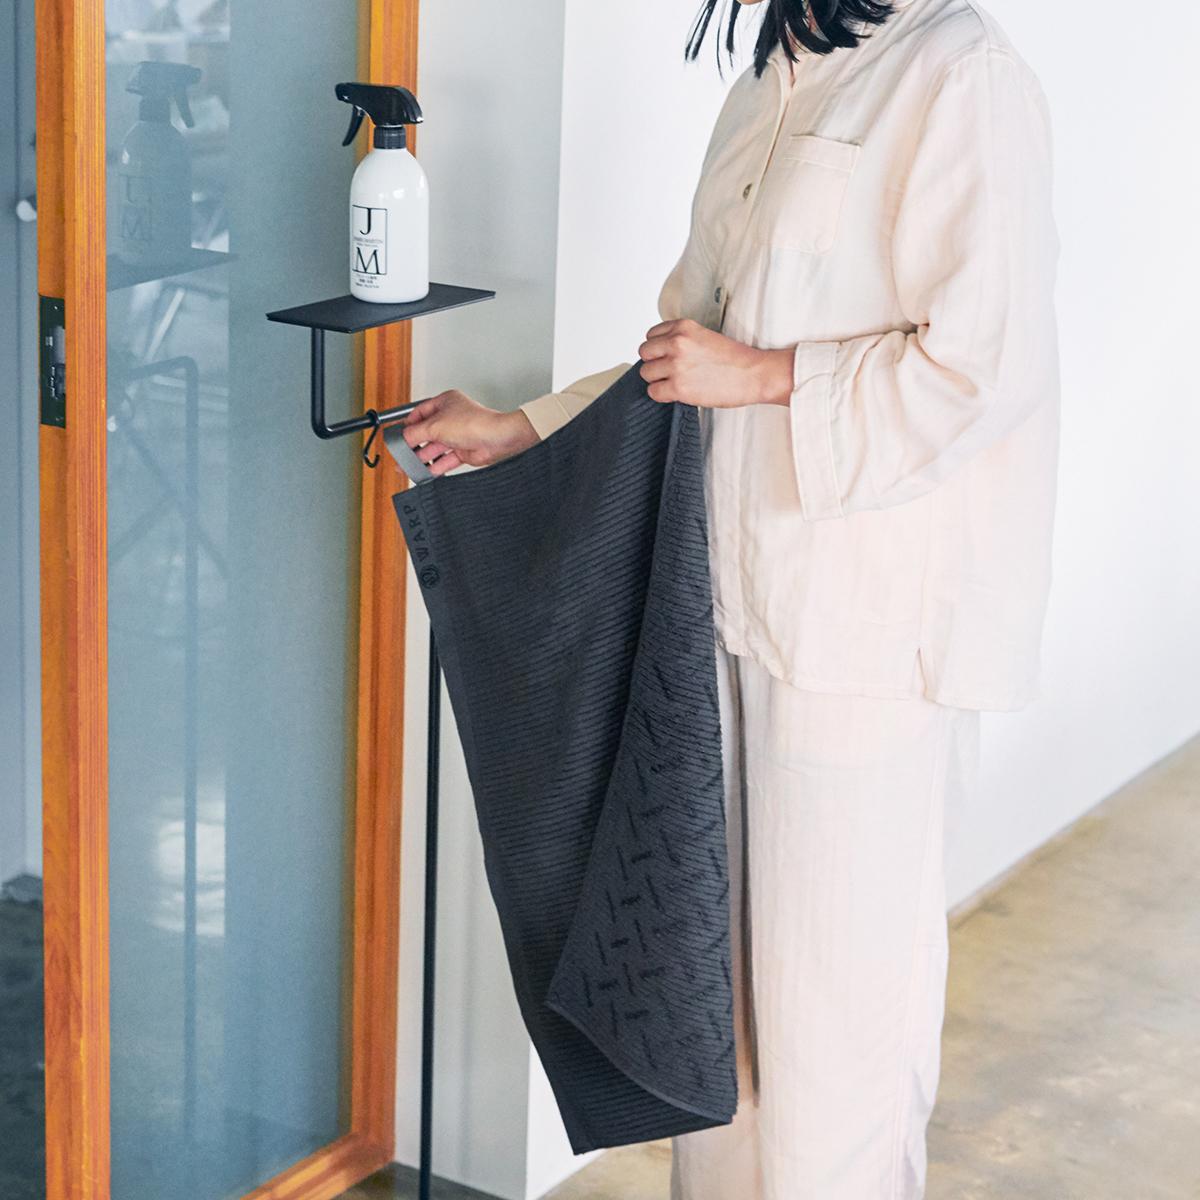 タオルの老舗の技で高い吸水力。酸化チタンと銀の作用で、生乾き臭・汗臭の菌を分解する「タオル」|WARP